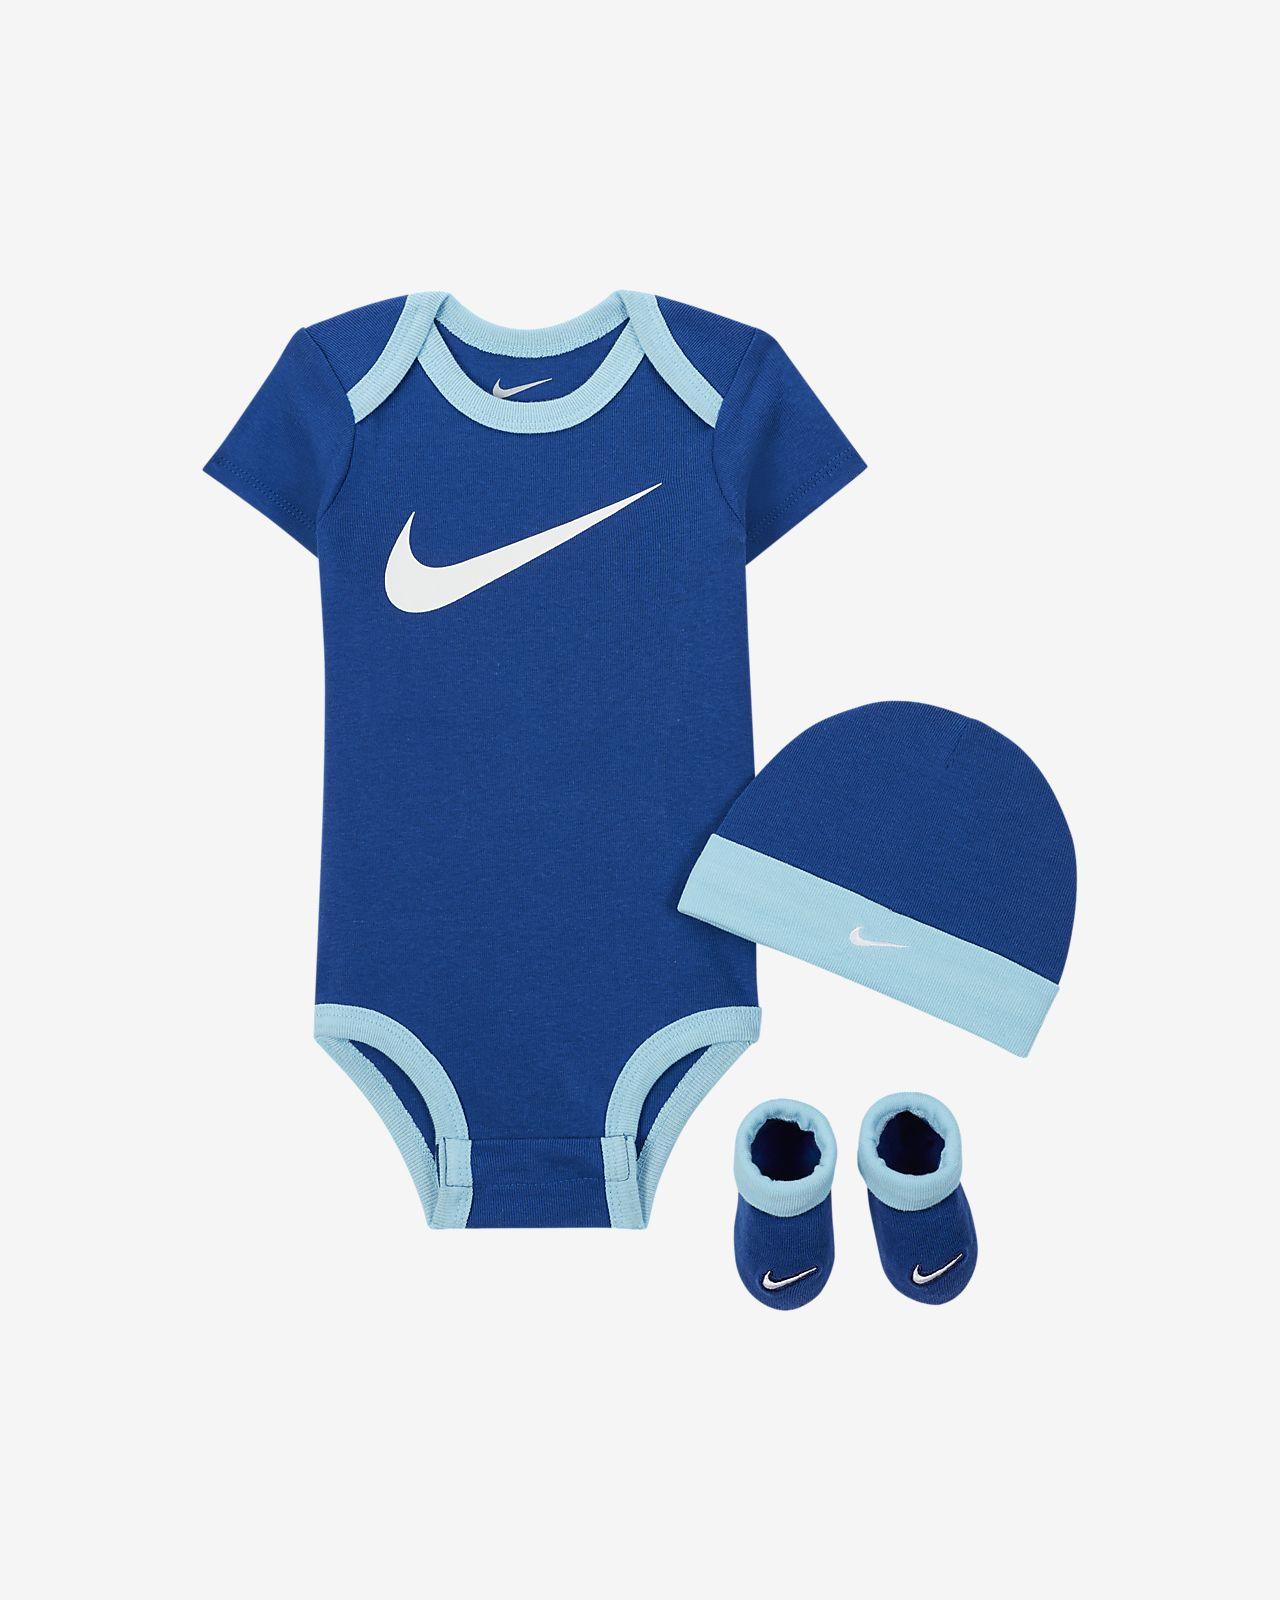 Conjunto de babete e carapins Nike para bebé